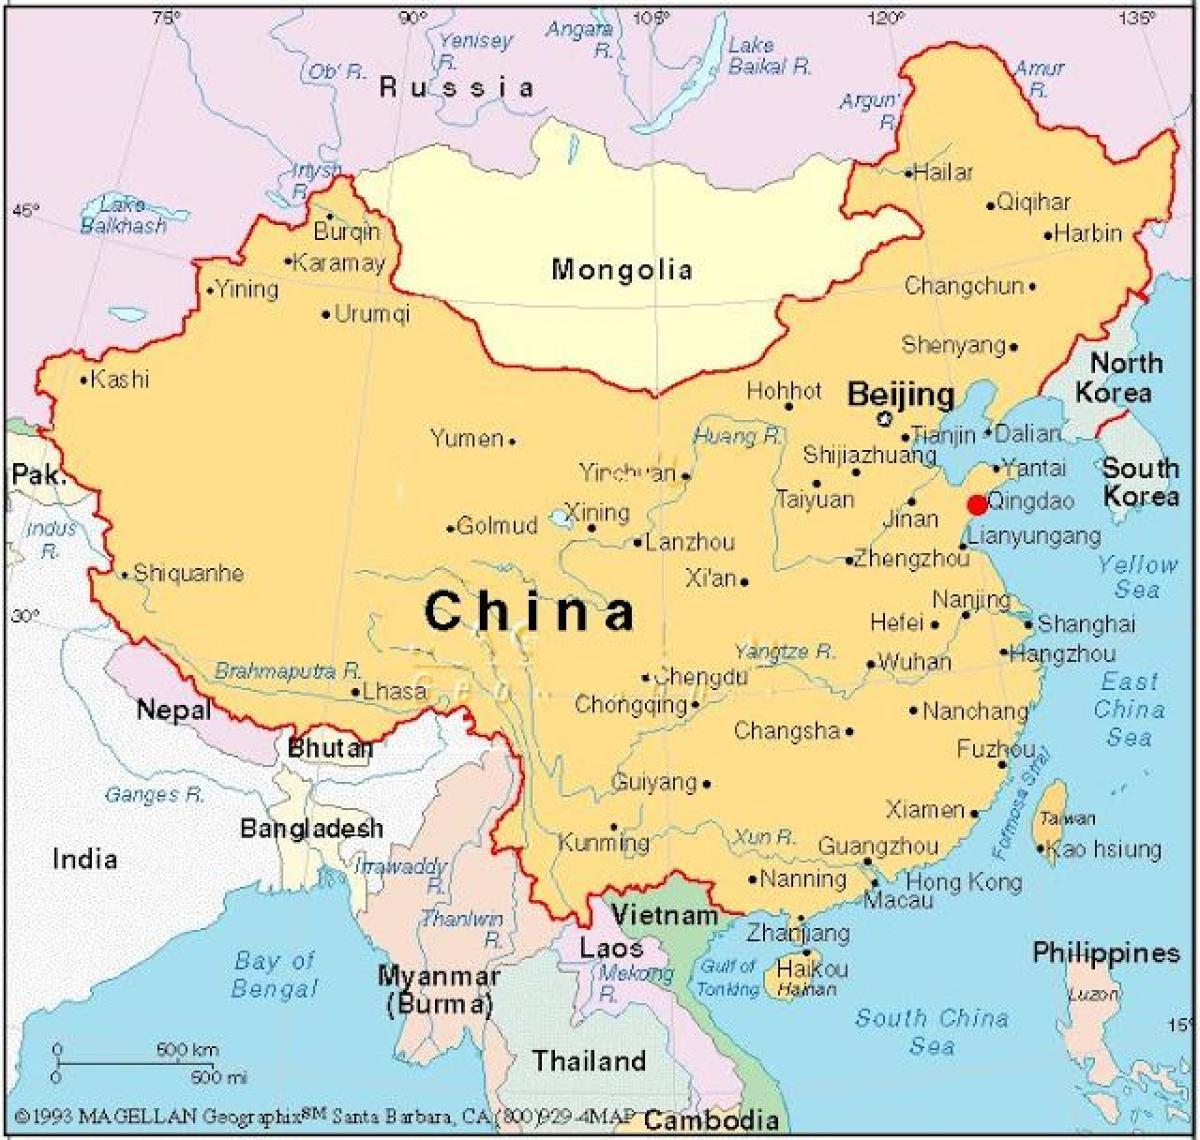 Hovedstaden I Kina Kort Kort Over Hovedstaden I Kina Kina